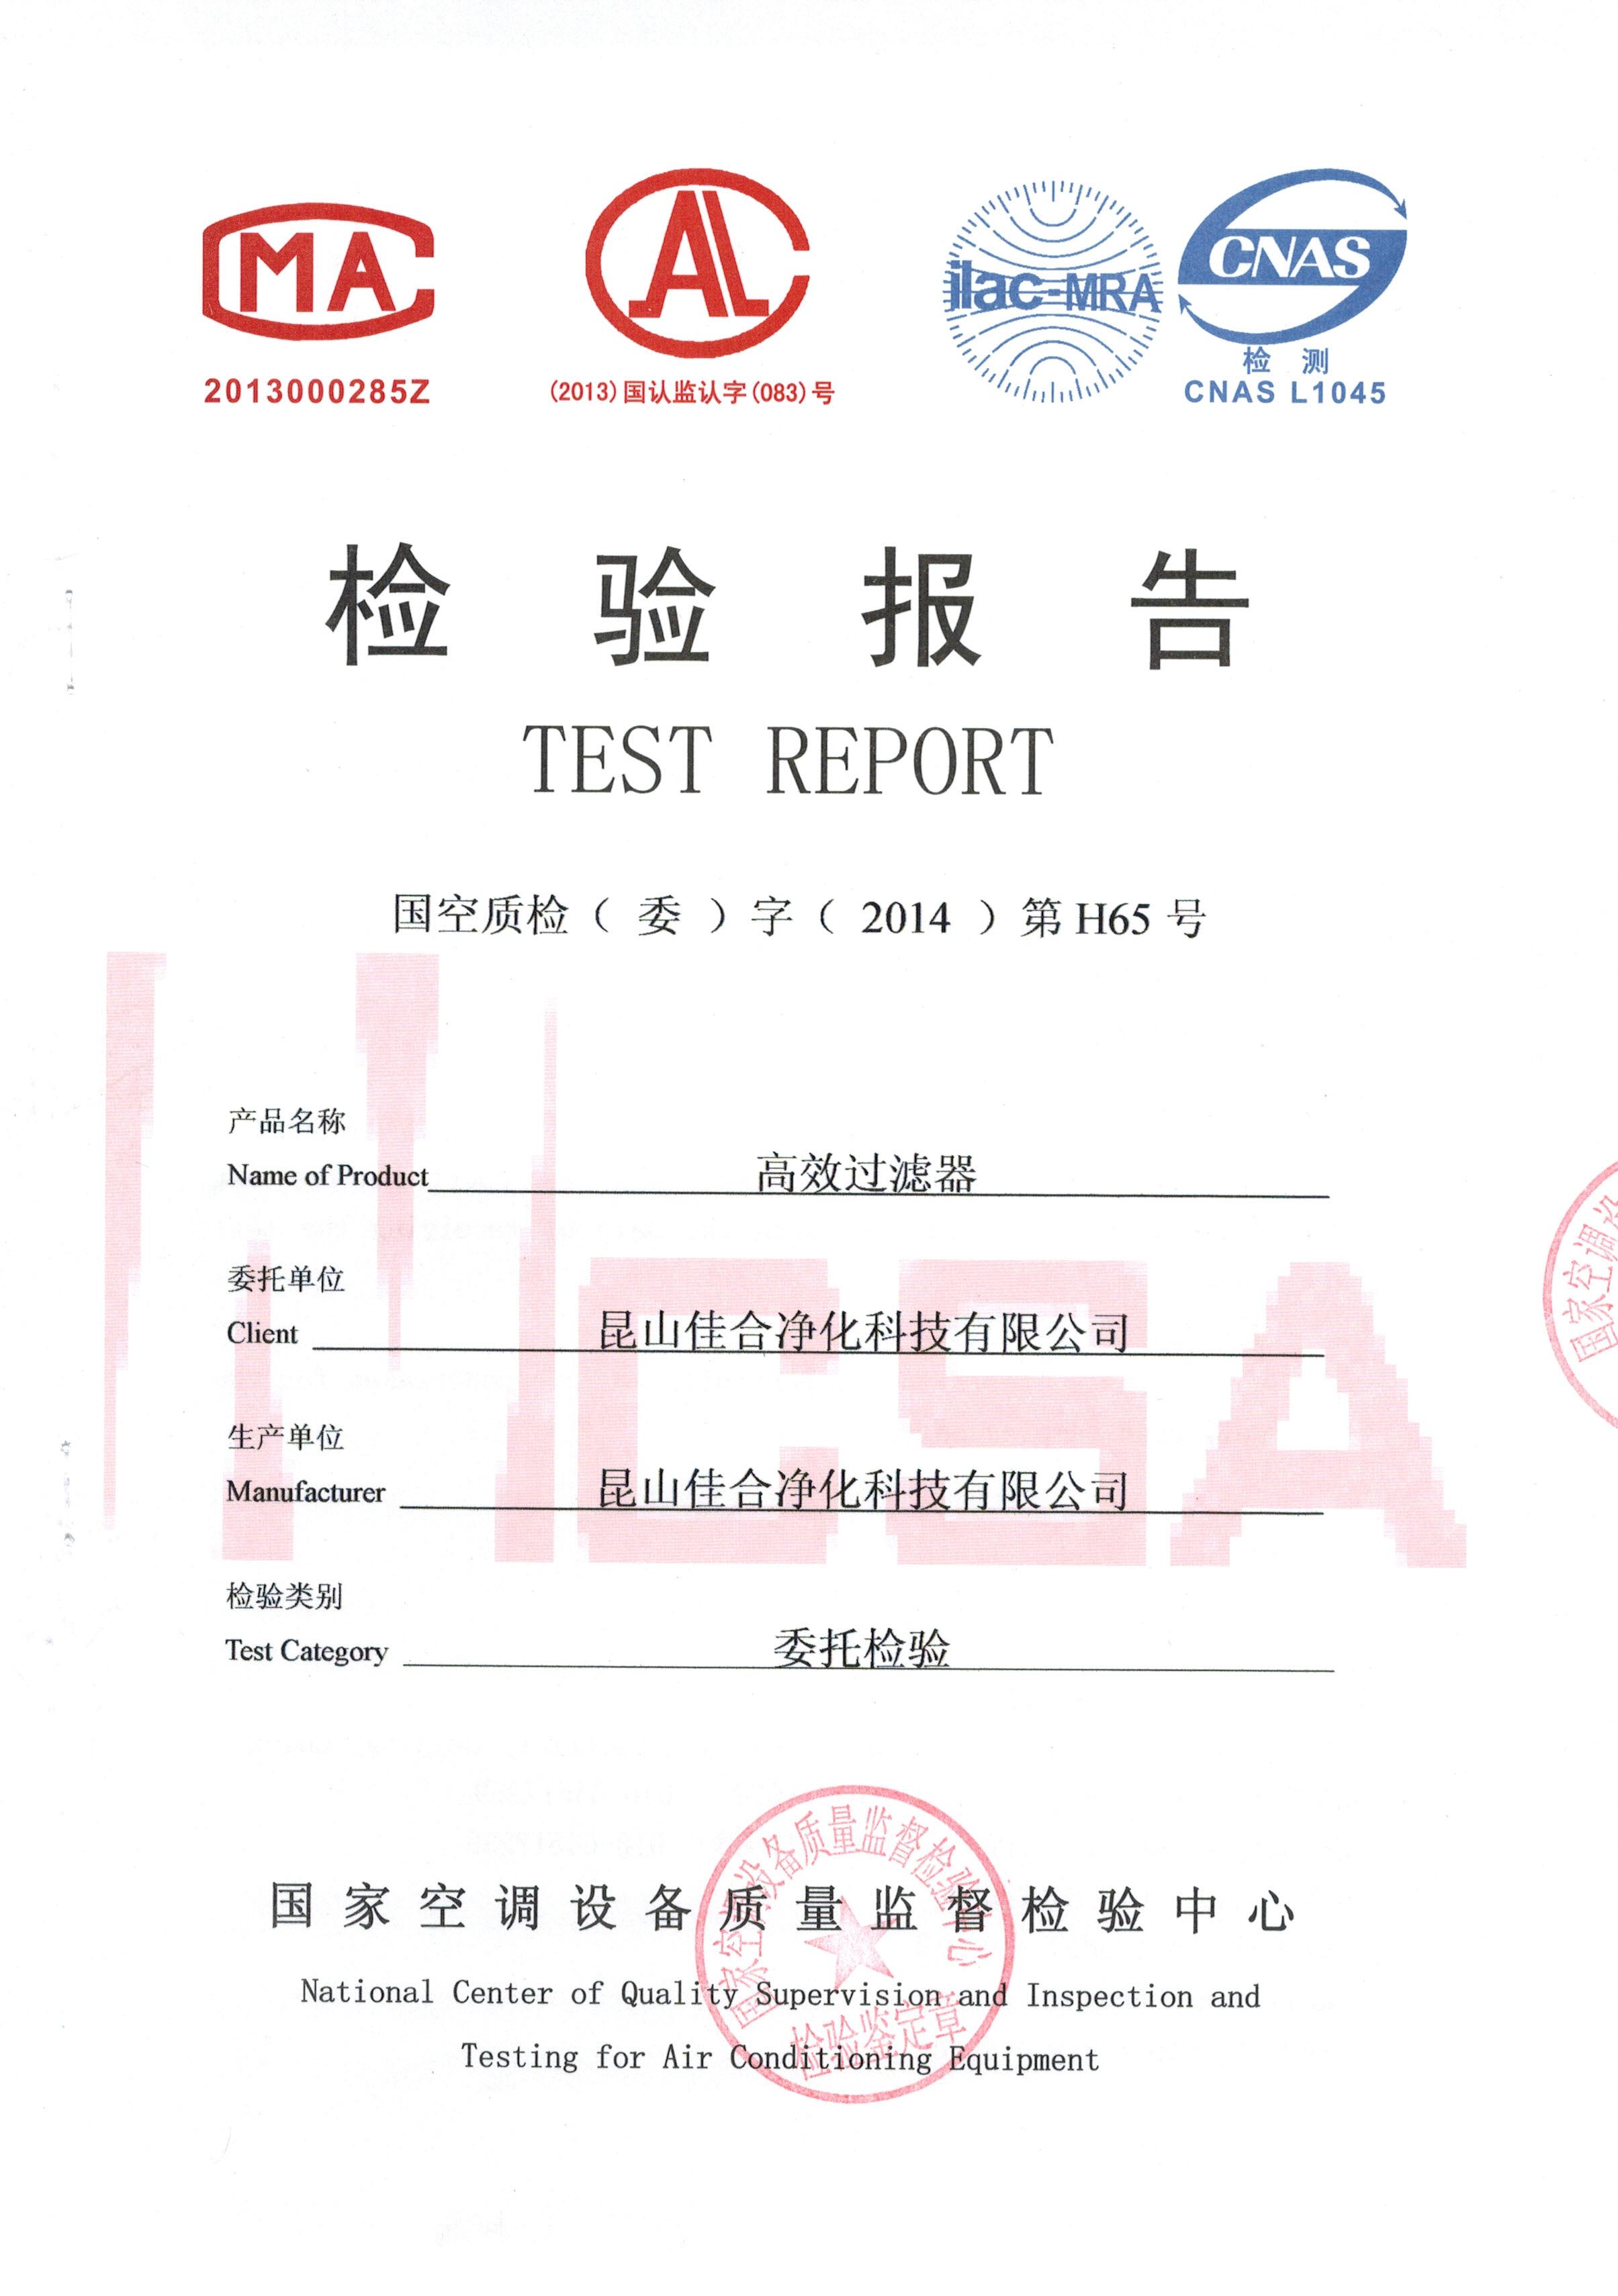 高效过滤器第三方检测报告